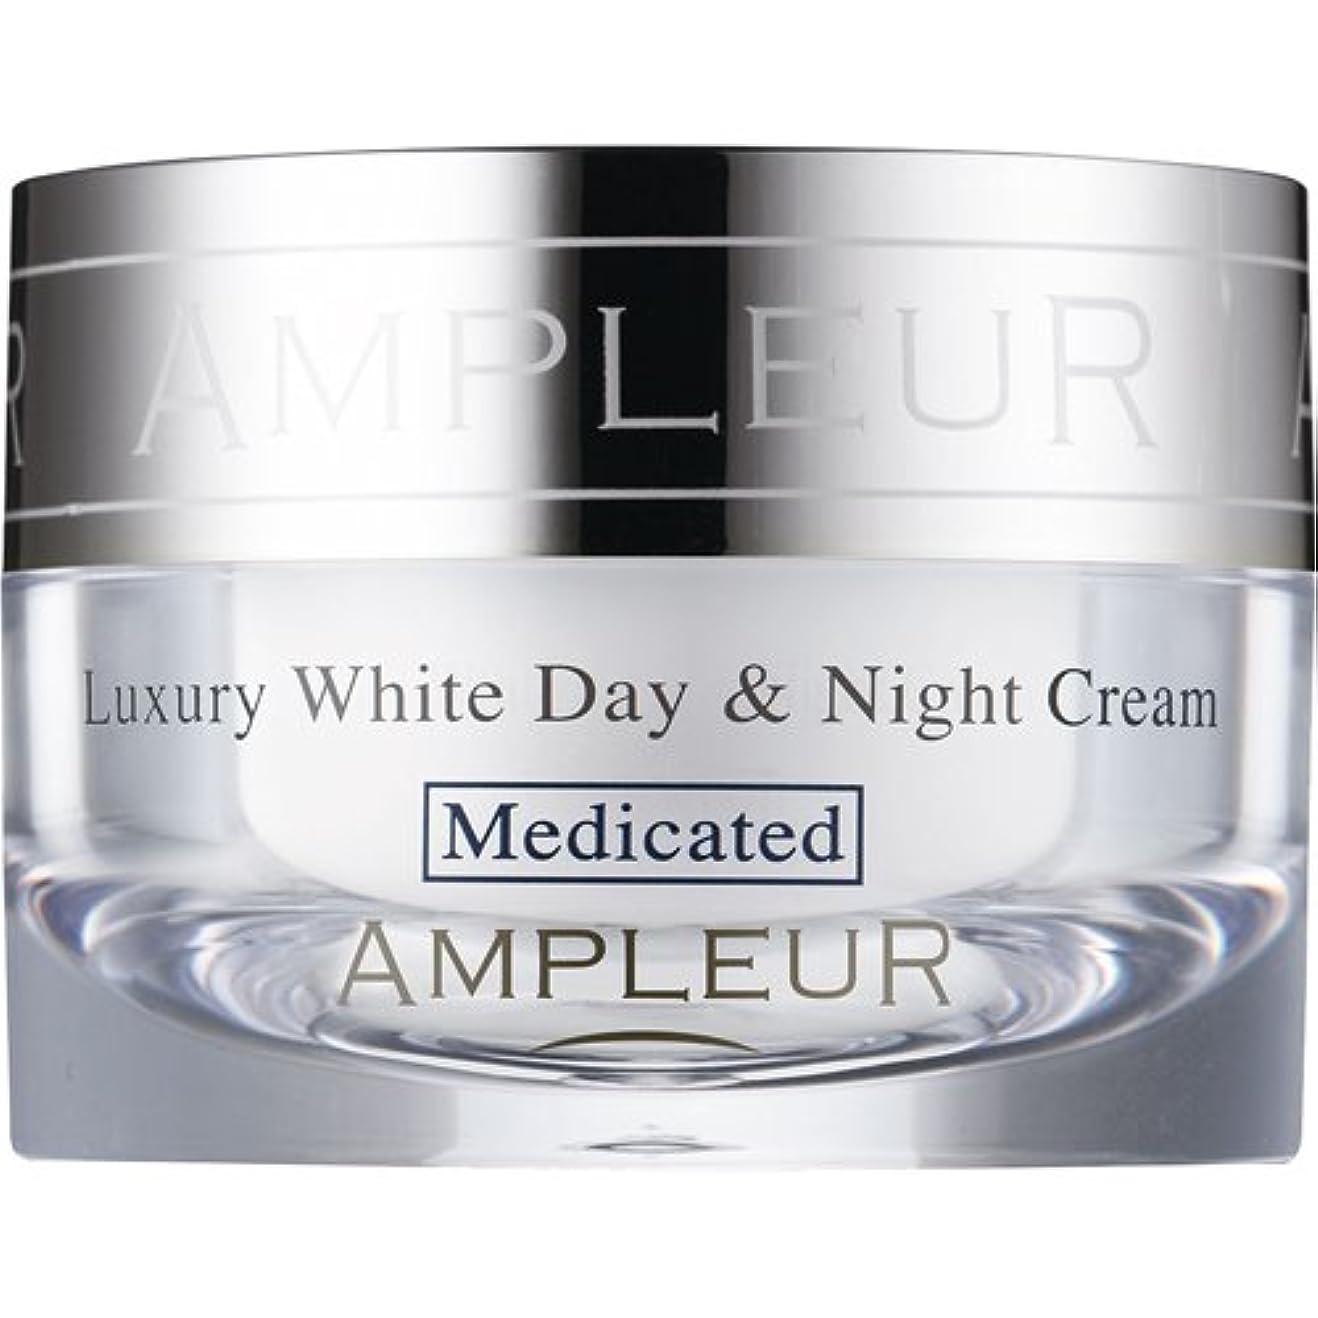 先入観はっきりしない災難AMPLEUR(アンプルール) ラグジュアリーホワイト 薬用デイ&ナイトクリーム 30g